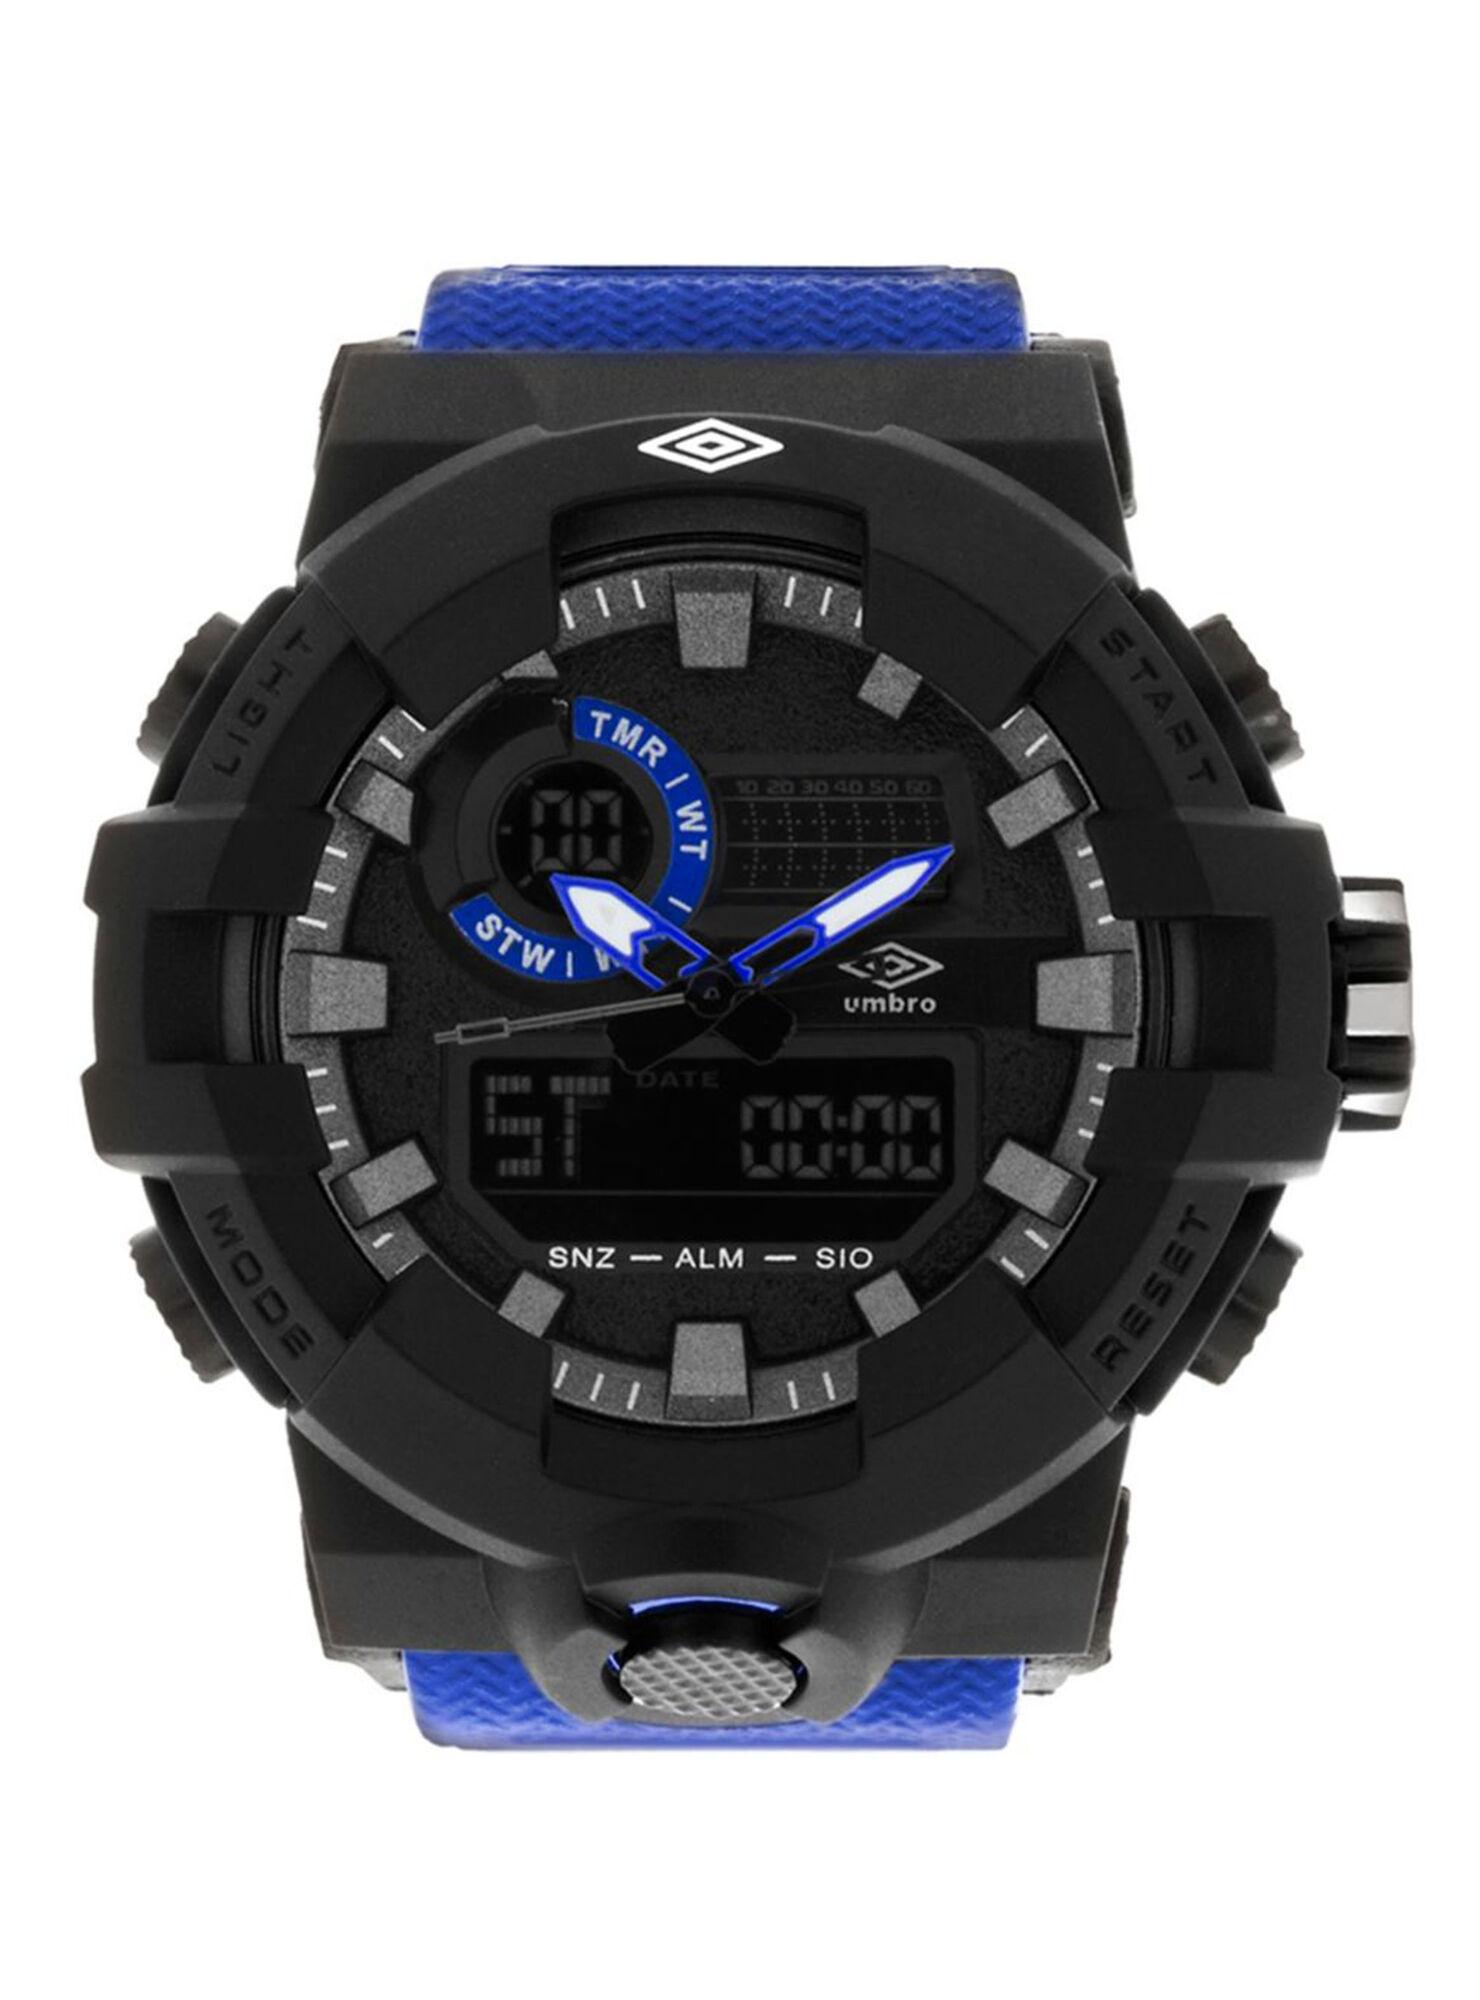 Images. Reloj Análogo Digital Umbro UMB-083-4 Hombre ... 3b63b610224e